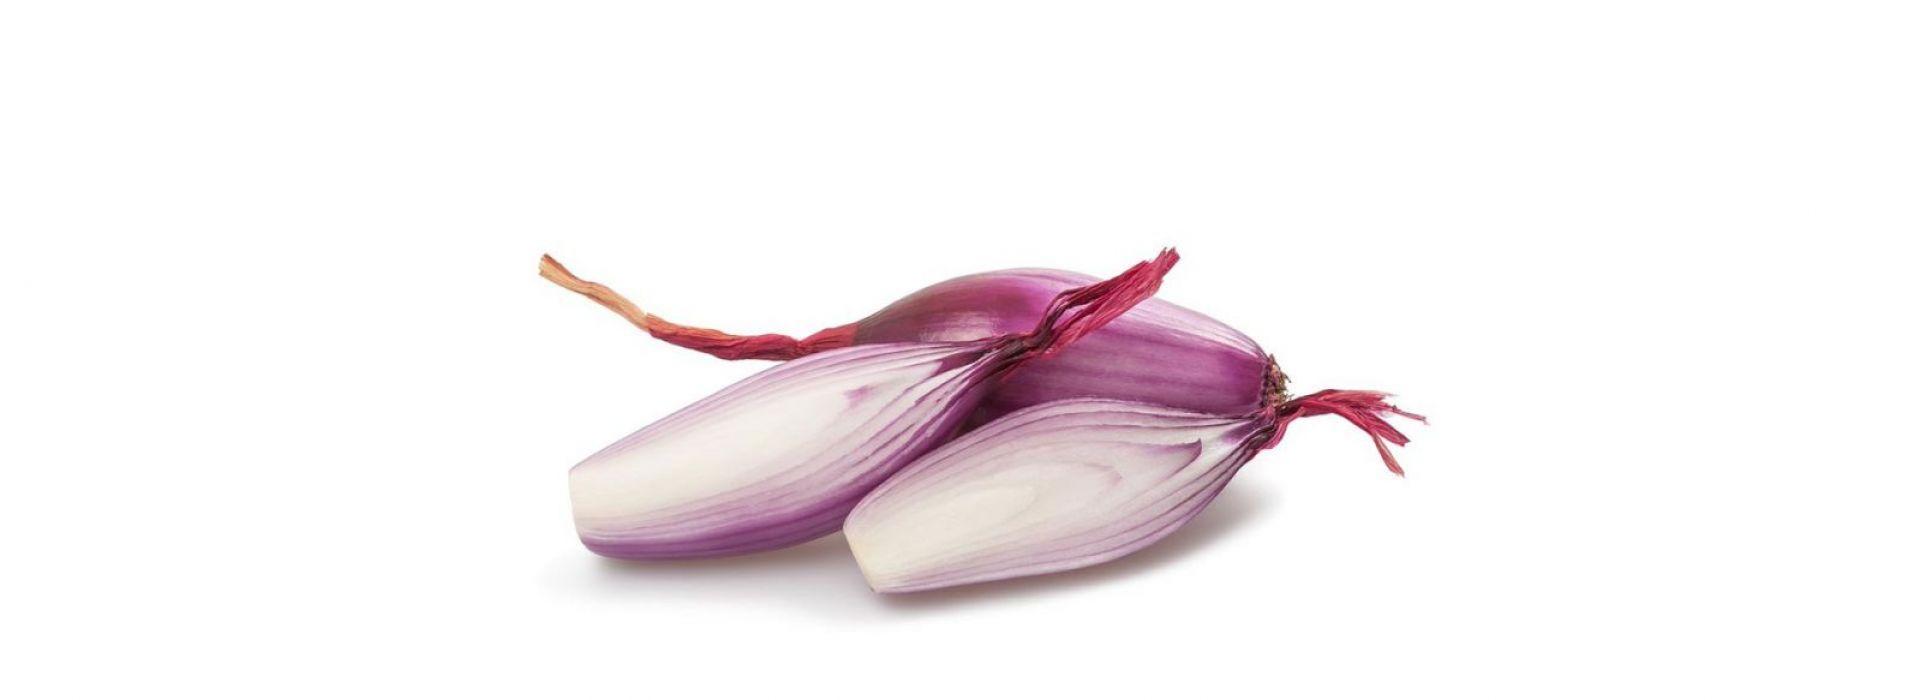 Onion Shallots Banana